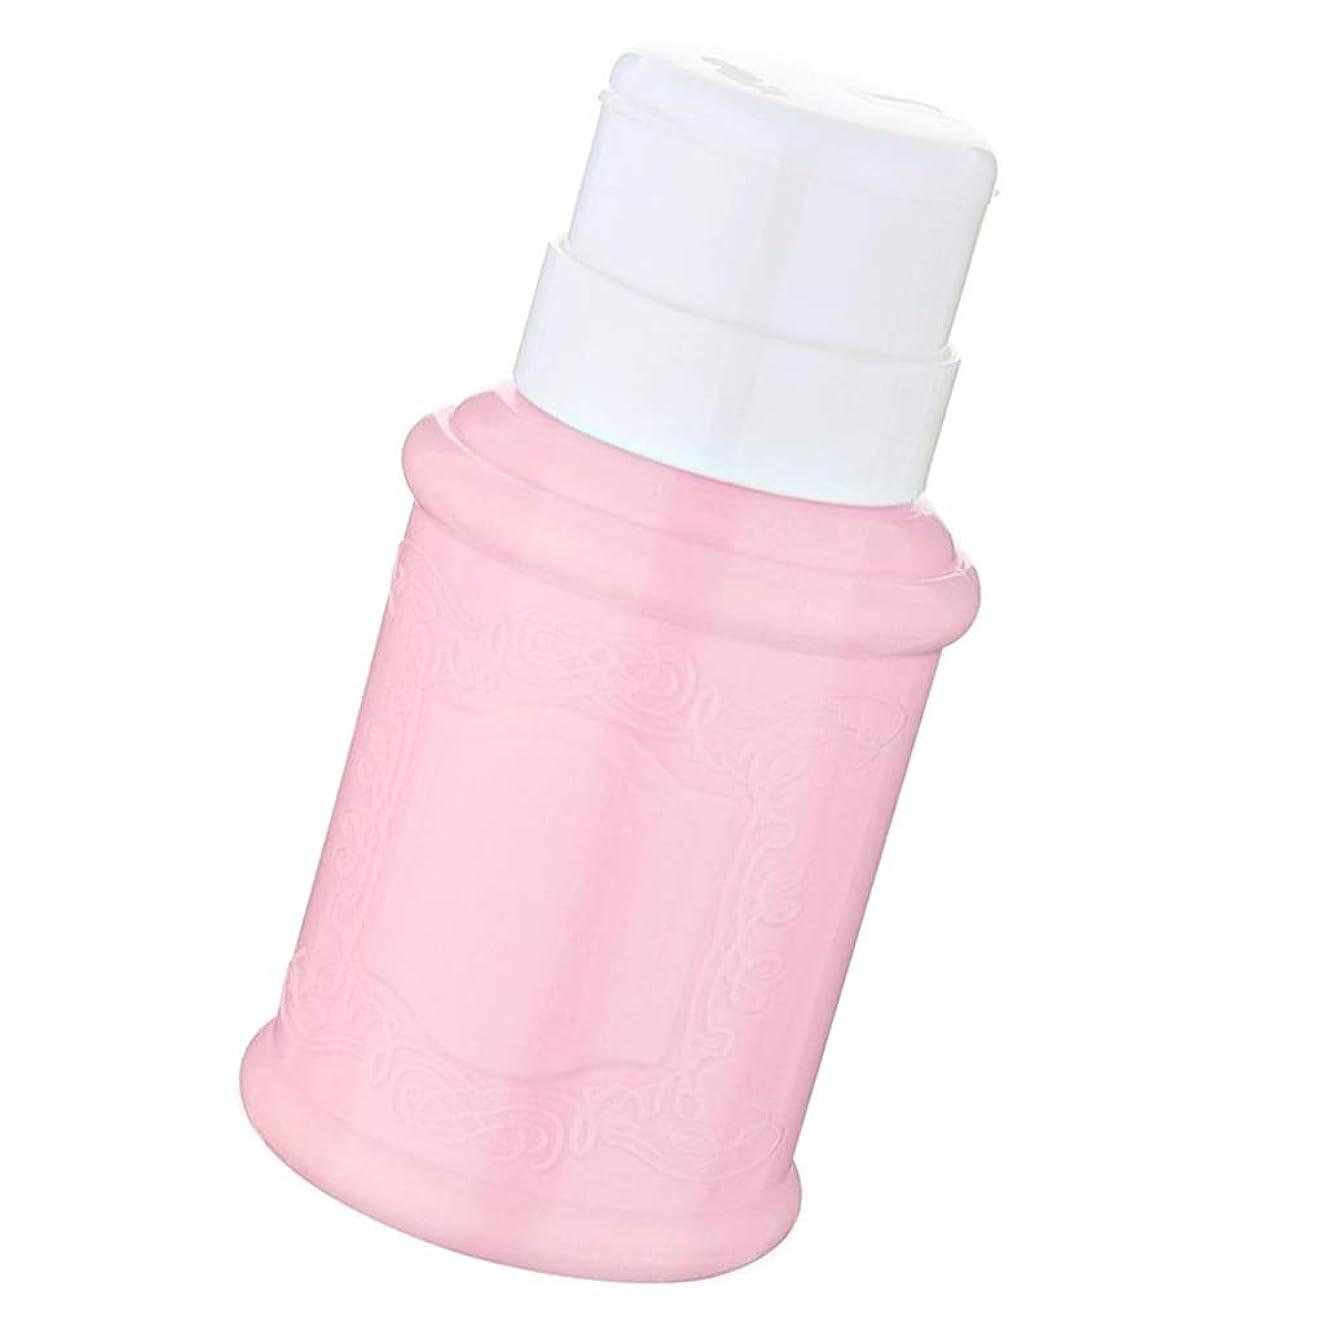 繰り返した適応的震えSM SunniMix 空ポンプ ボトル ネイルクリーナーボトル ポンプディスペンサー ジェルクリーナー 全3色 - ピンク